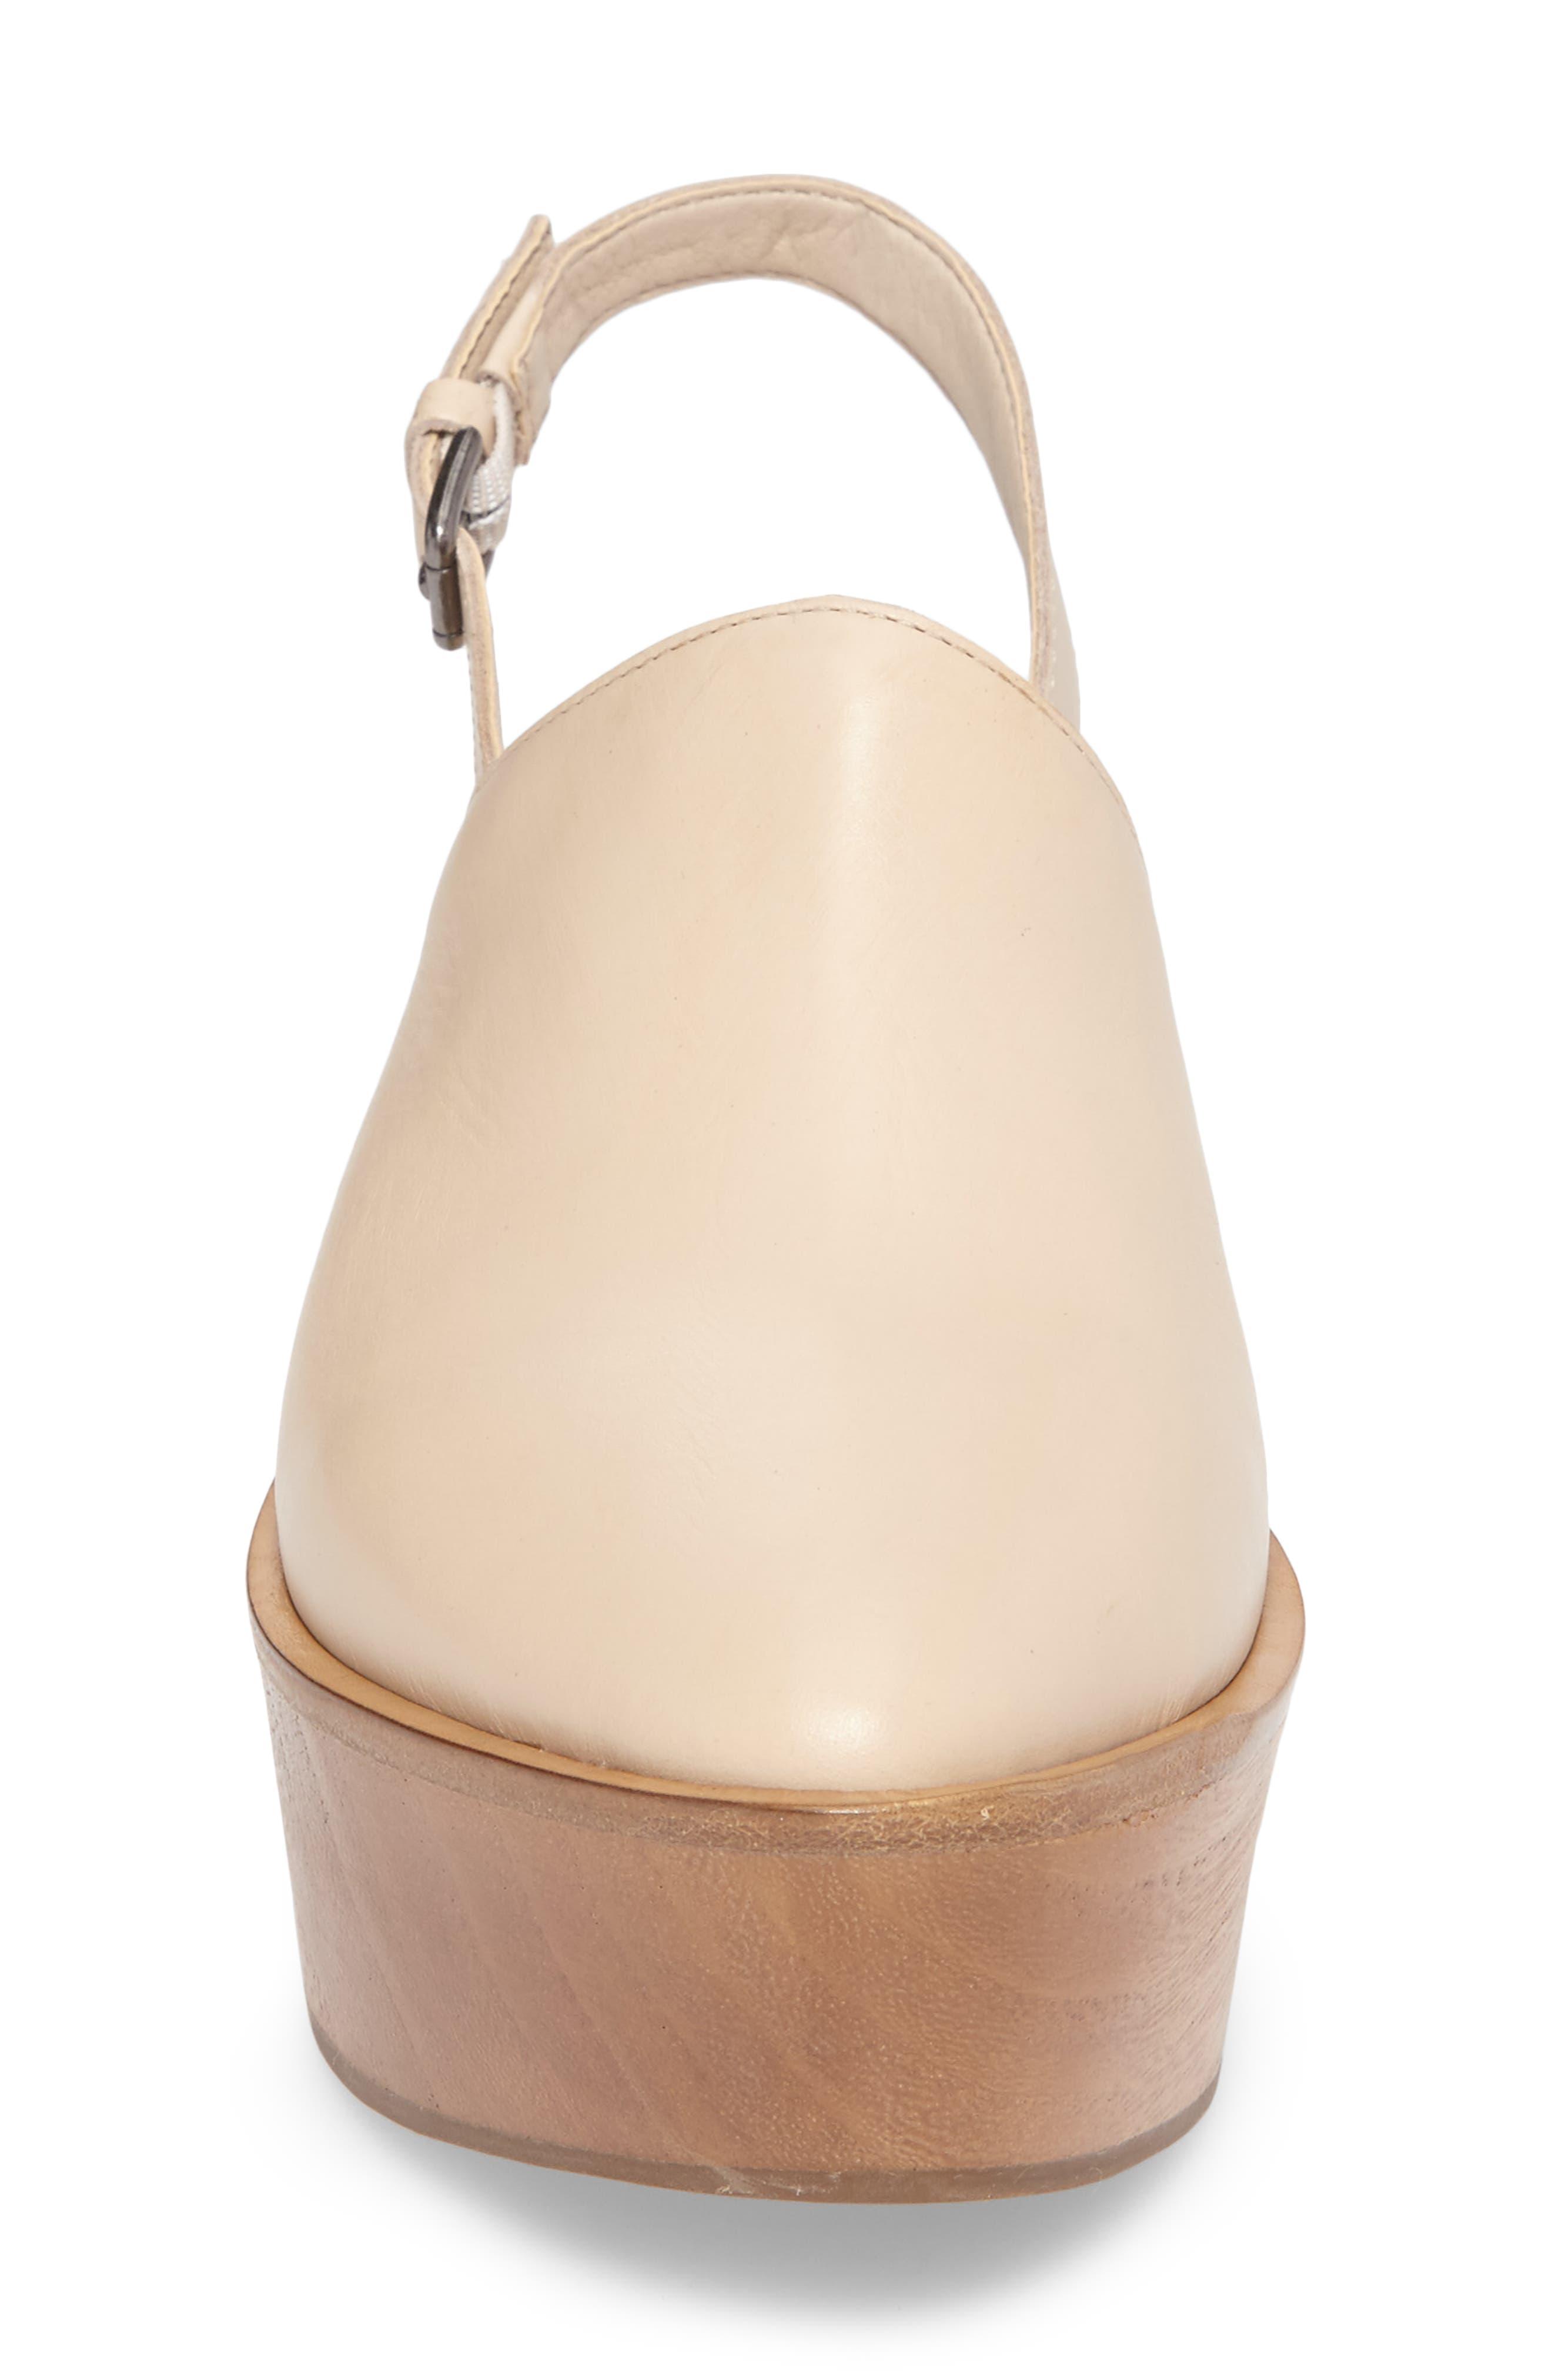 Eyals Slingback Platform Wedge Sandal,                             Alternate thumbnail 4, color,                             Natural Leather